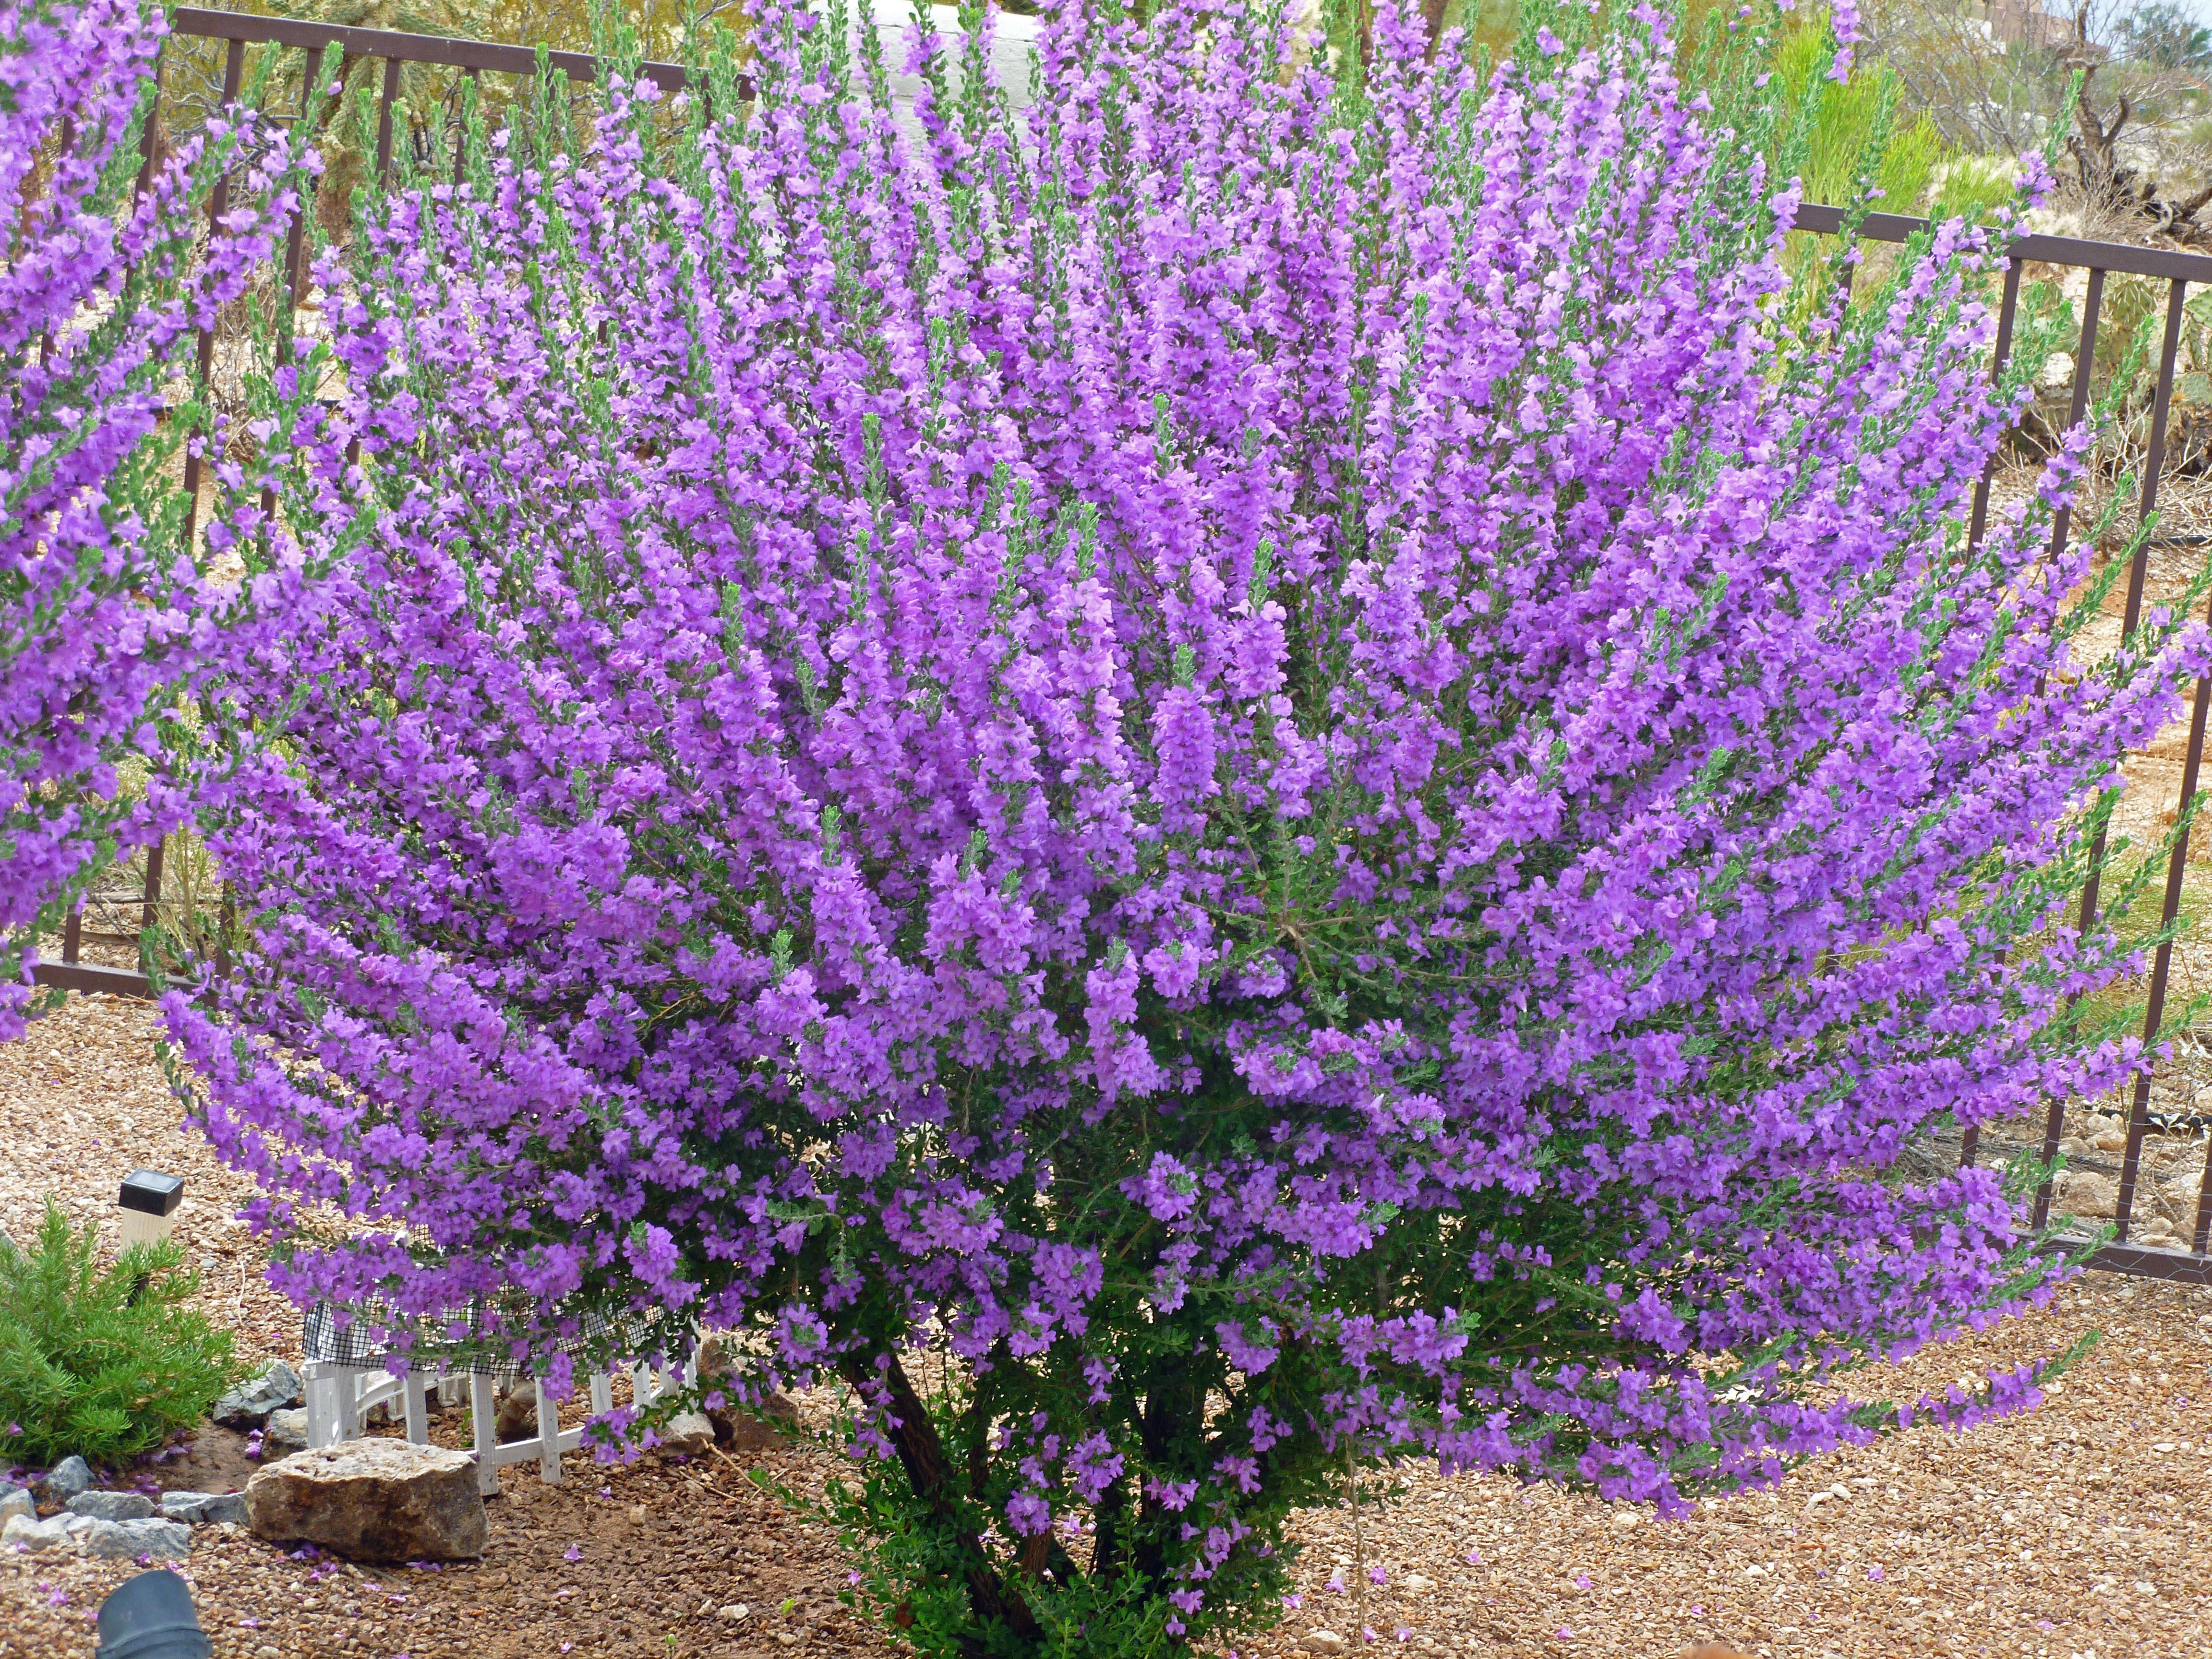 desert flowering shrubs purple flowering bushes in the